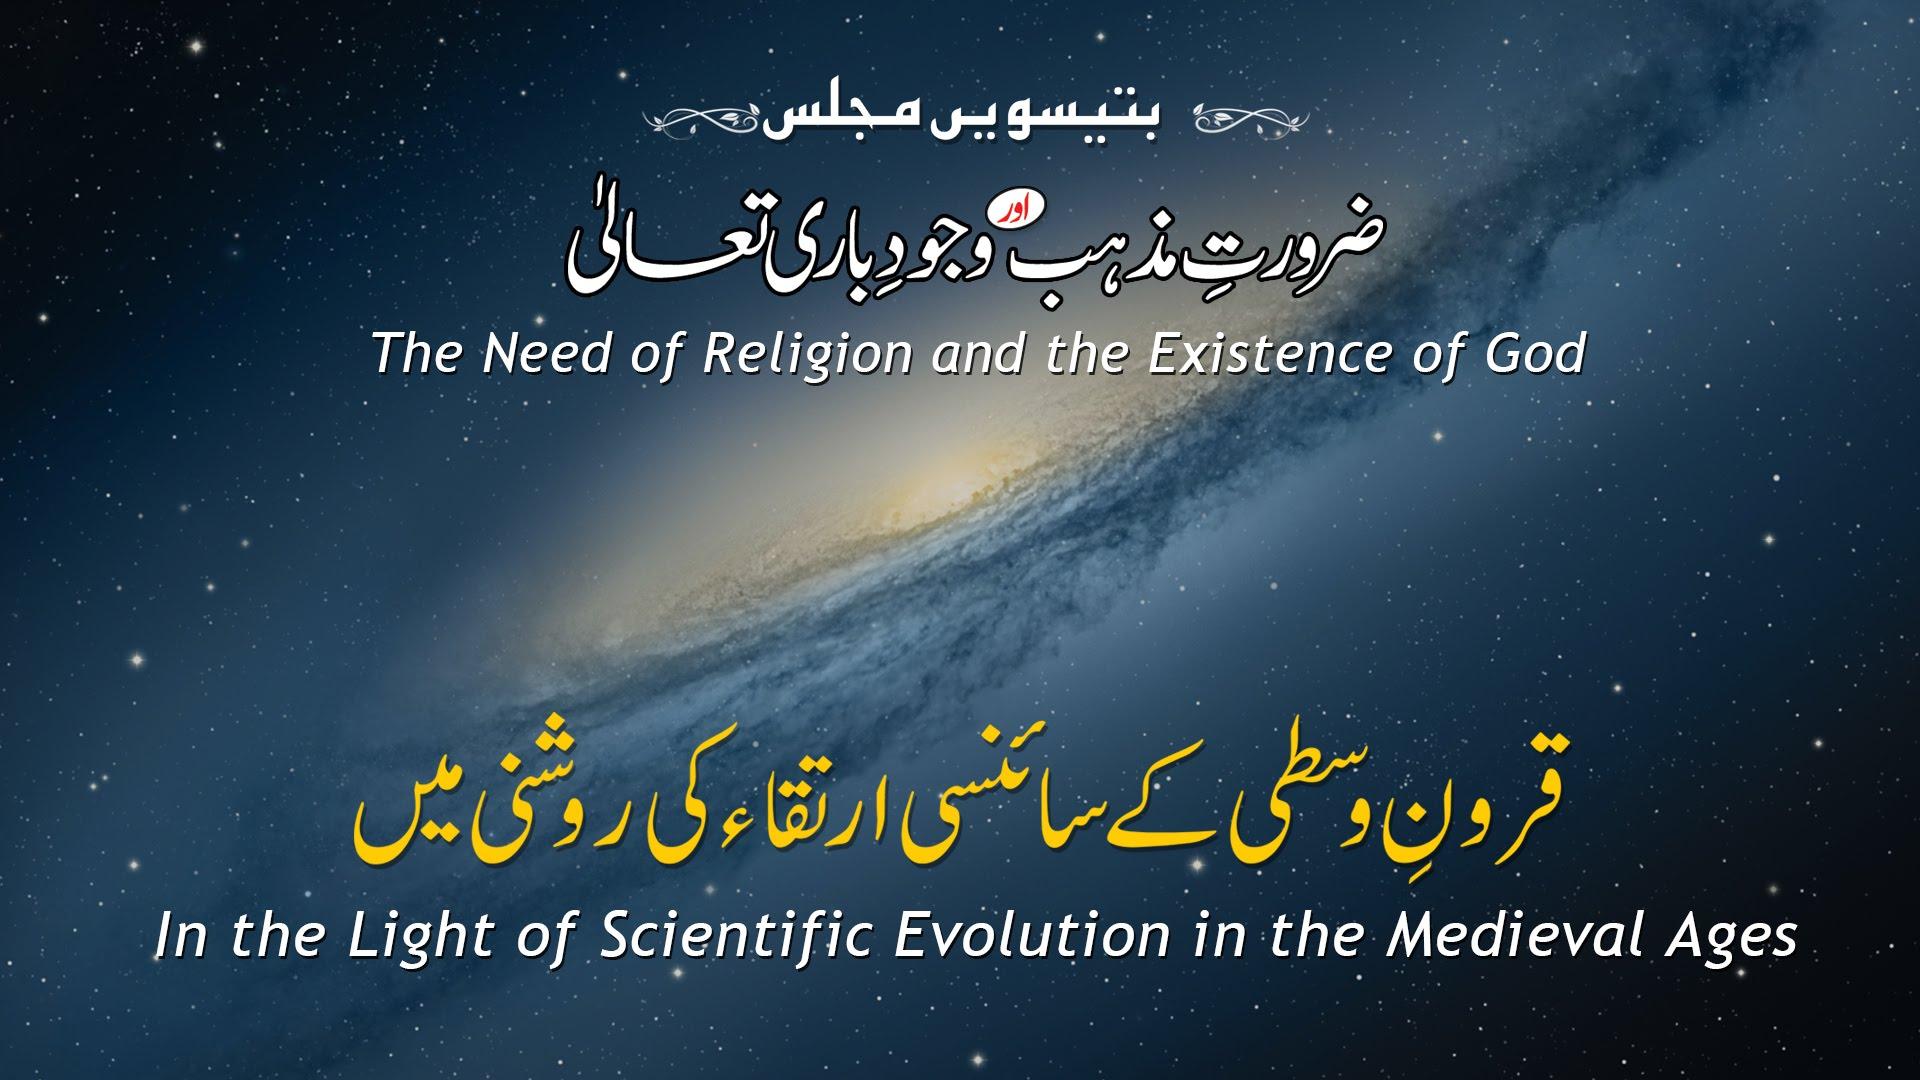 مجالس العلم 32: خطاب شیخ الاسلام ڈاکٹر محمد طاہرالقادری